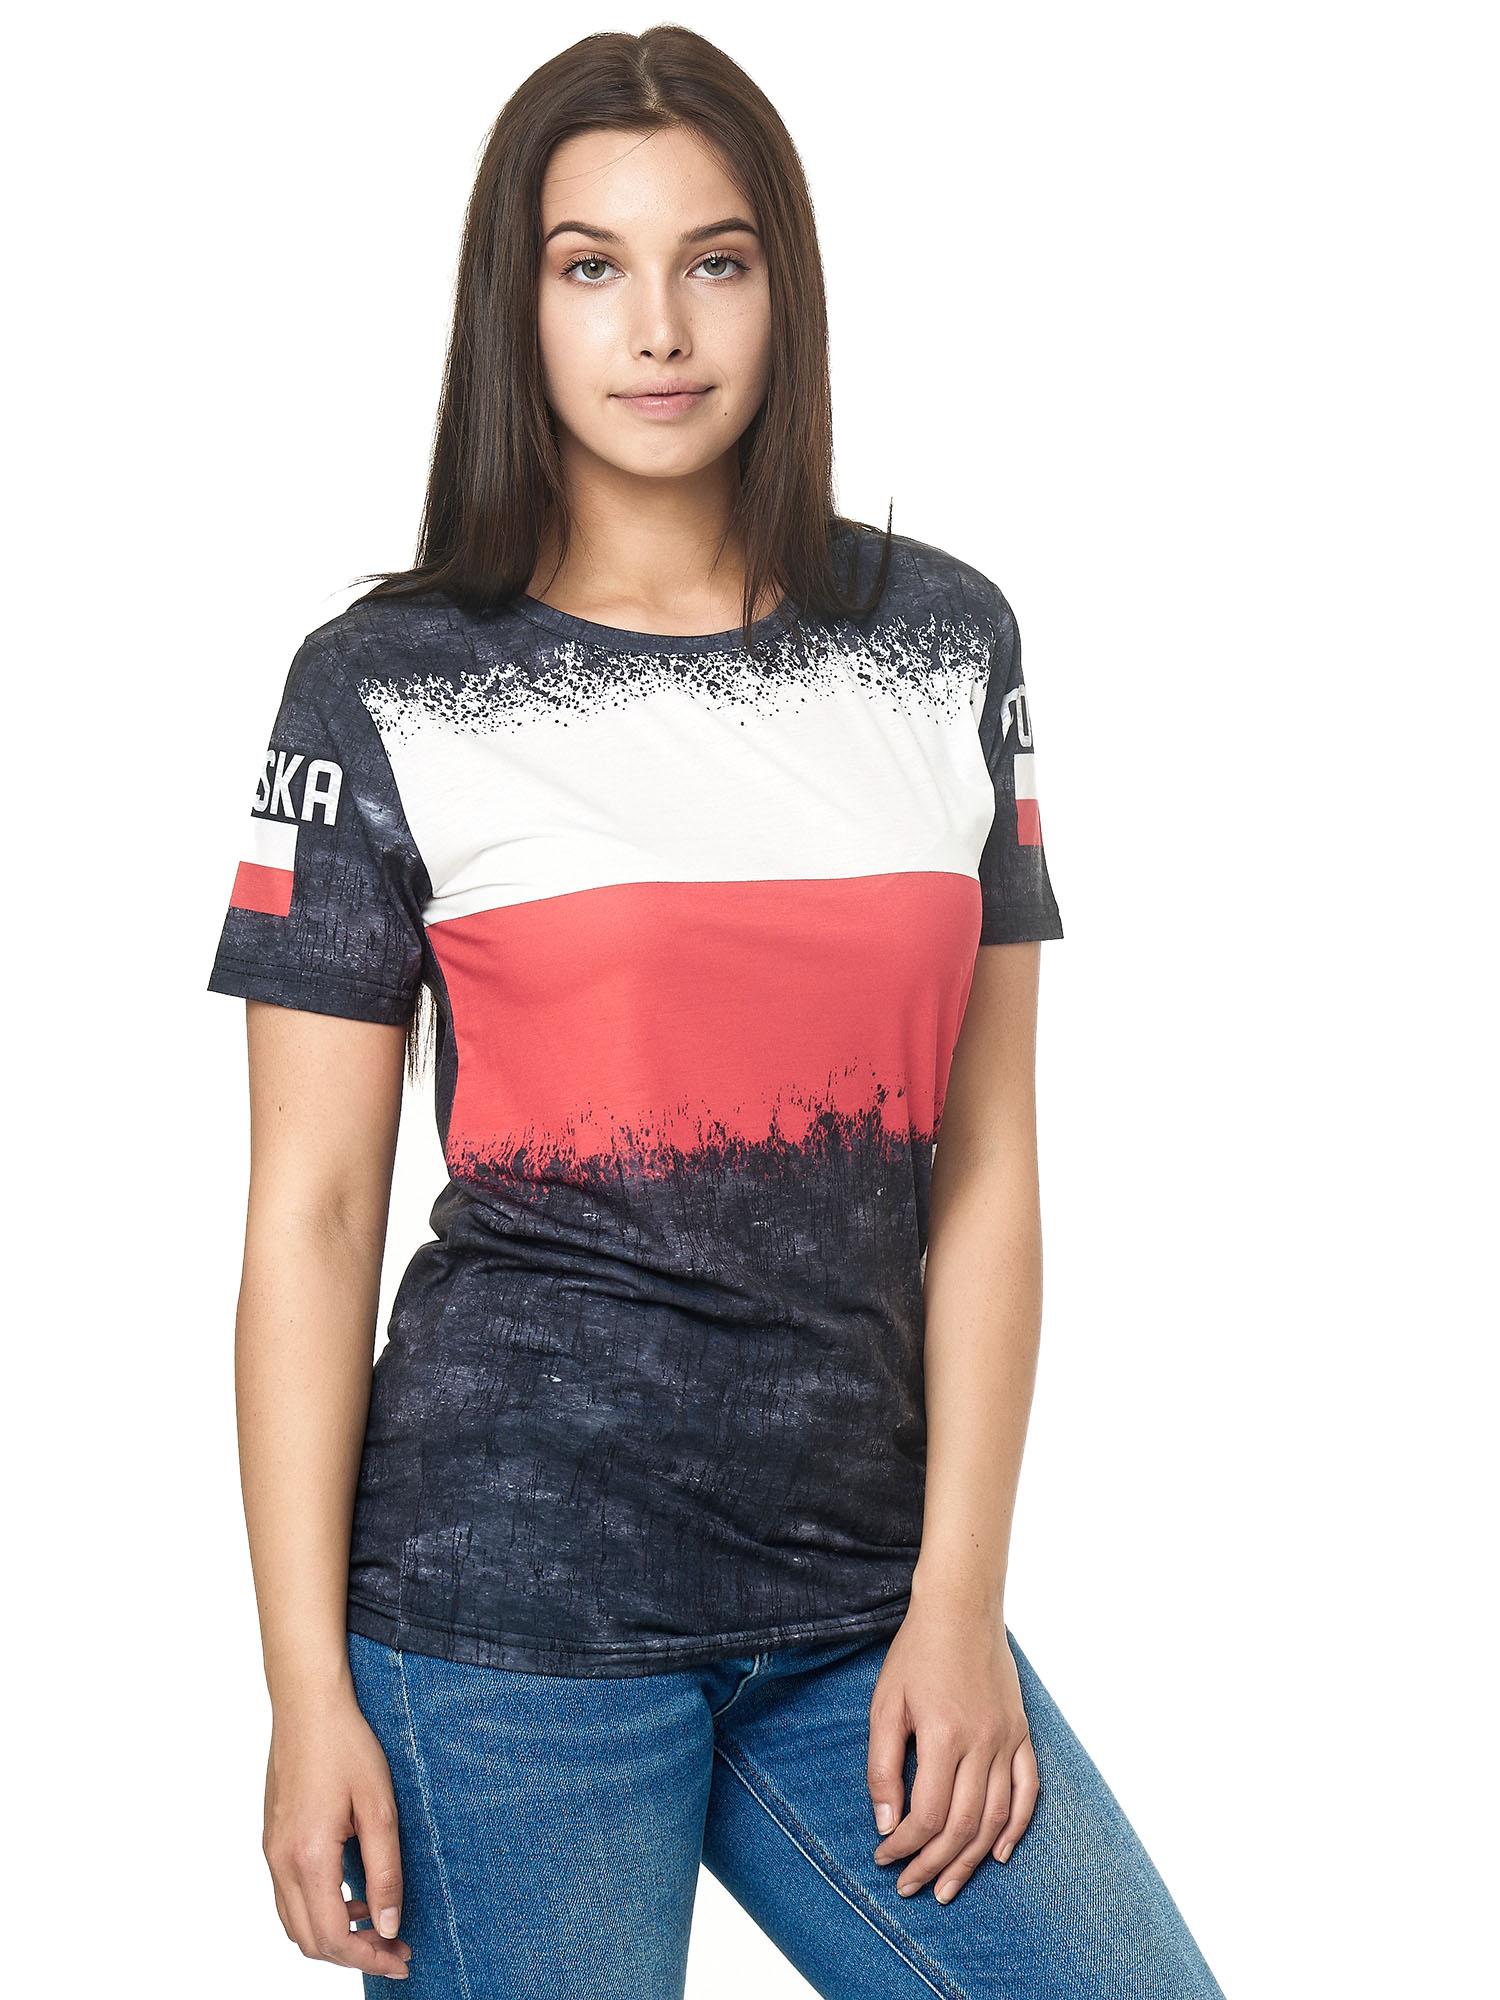 Paesi-da-Donna-T-shirt-A-Maniche-Corte-Girocollo-donne-CALCIO-Fanshirt-John-Kayna miniatura 93